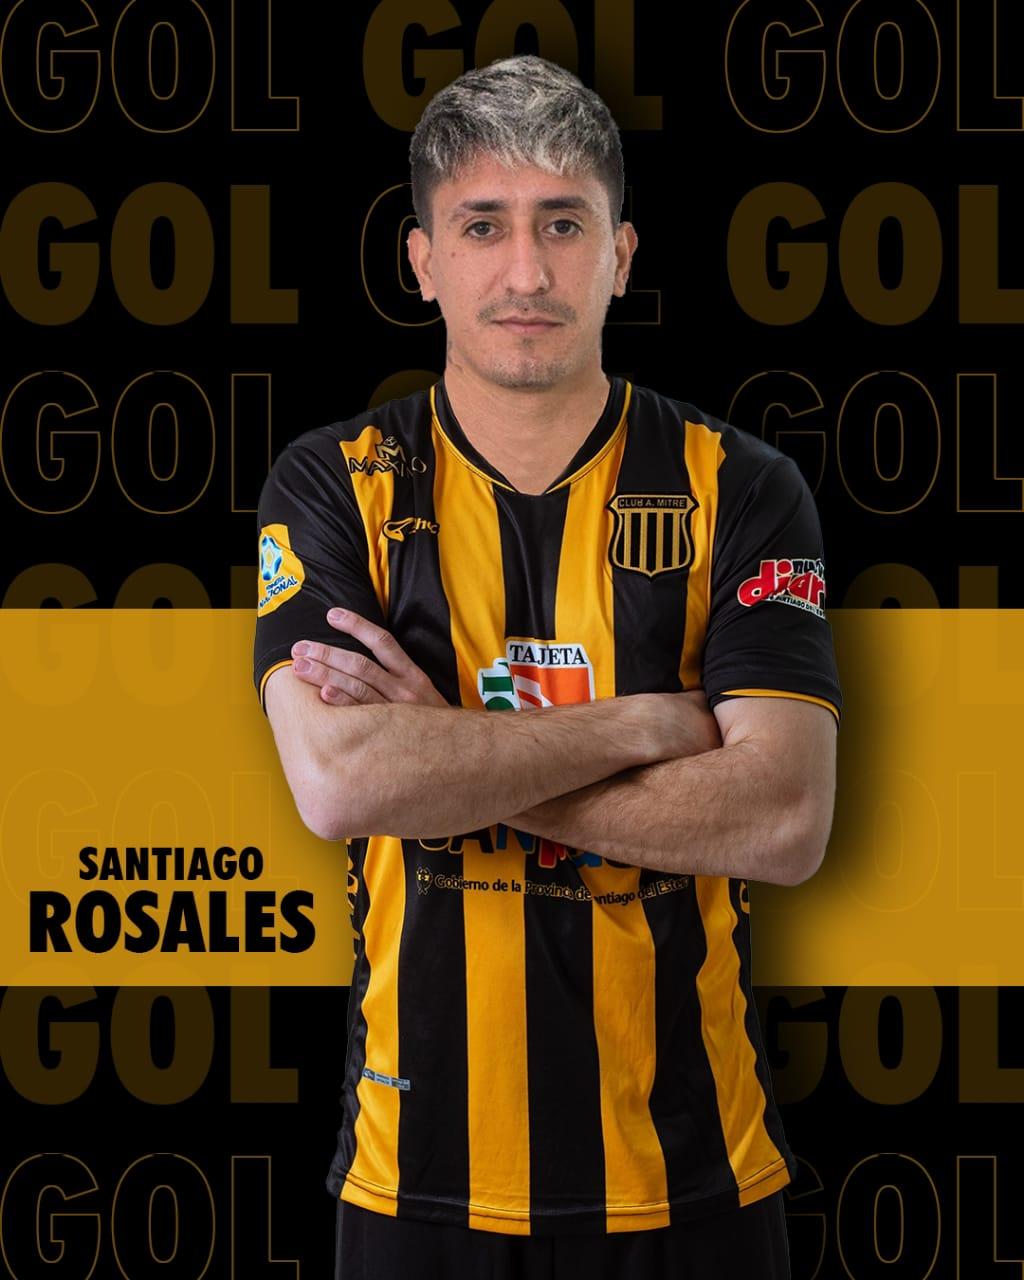 José Santiago Rosales